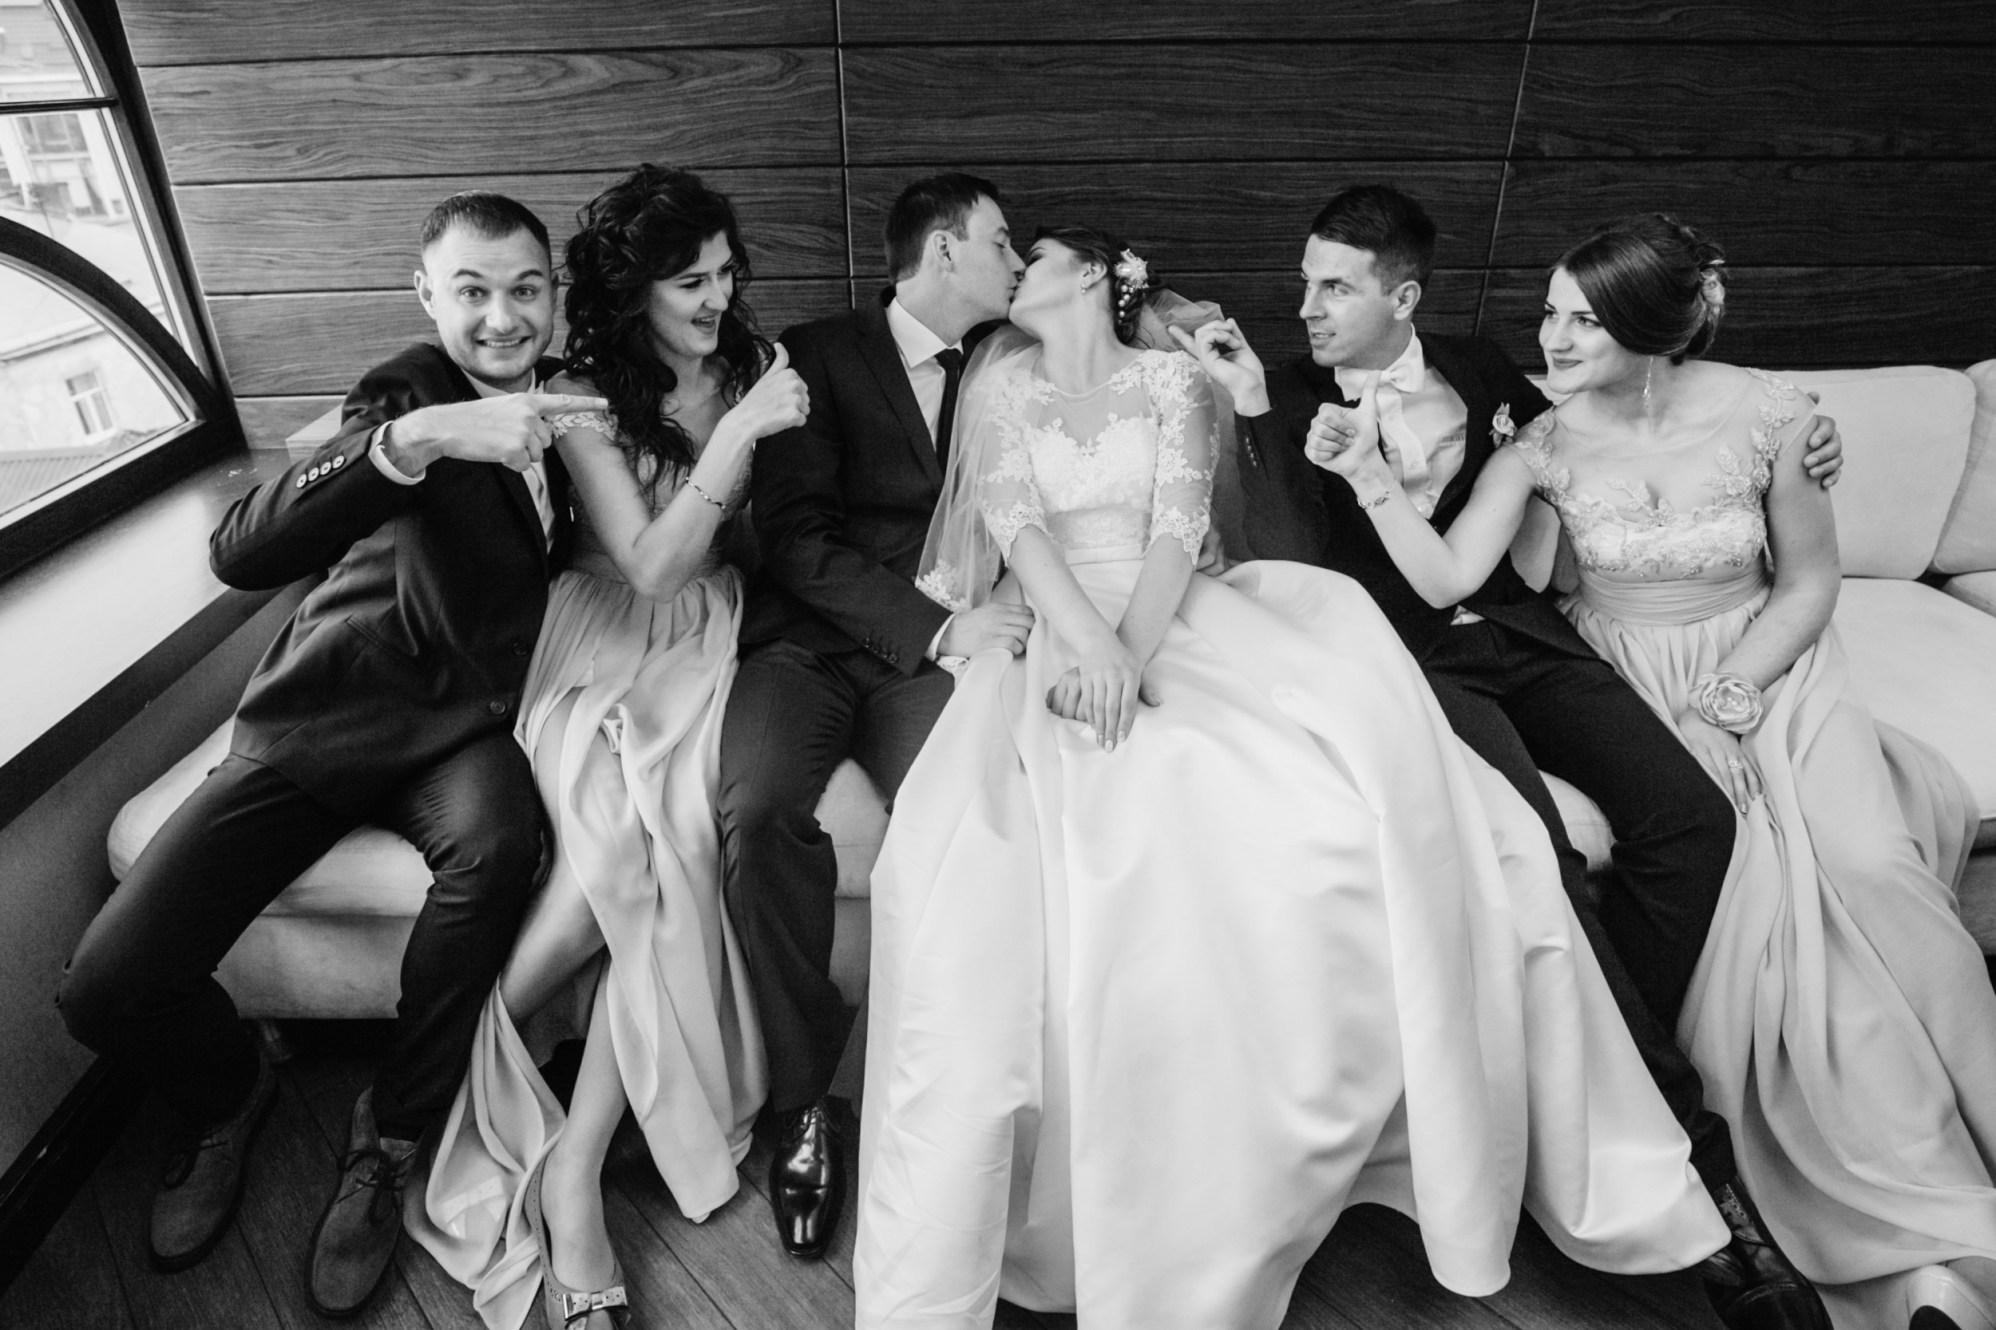 WEDDING COUPLE ART HUMOUR SHOTS 007408 (Custom)